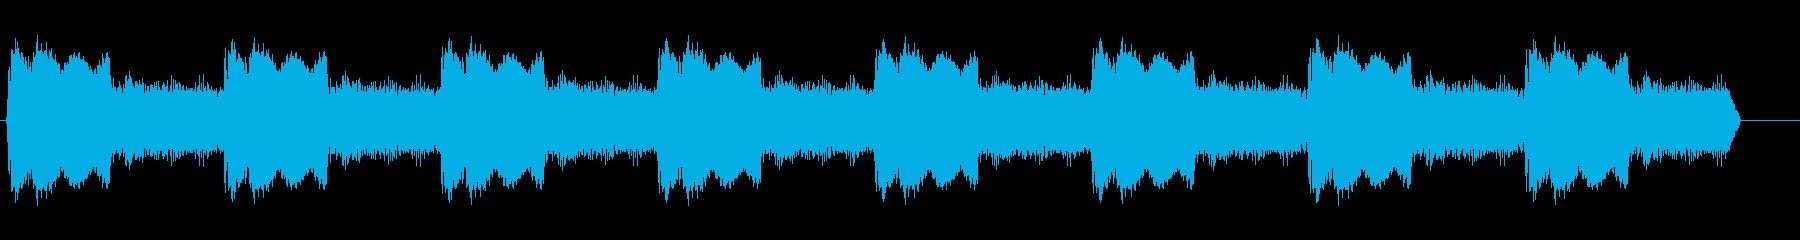 カンカンカンカン (警告音)の再生済みの波形